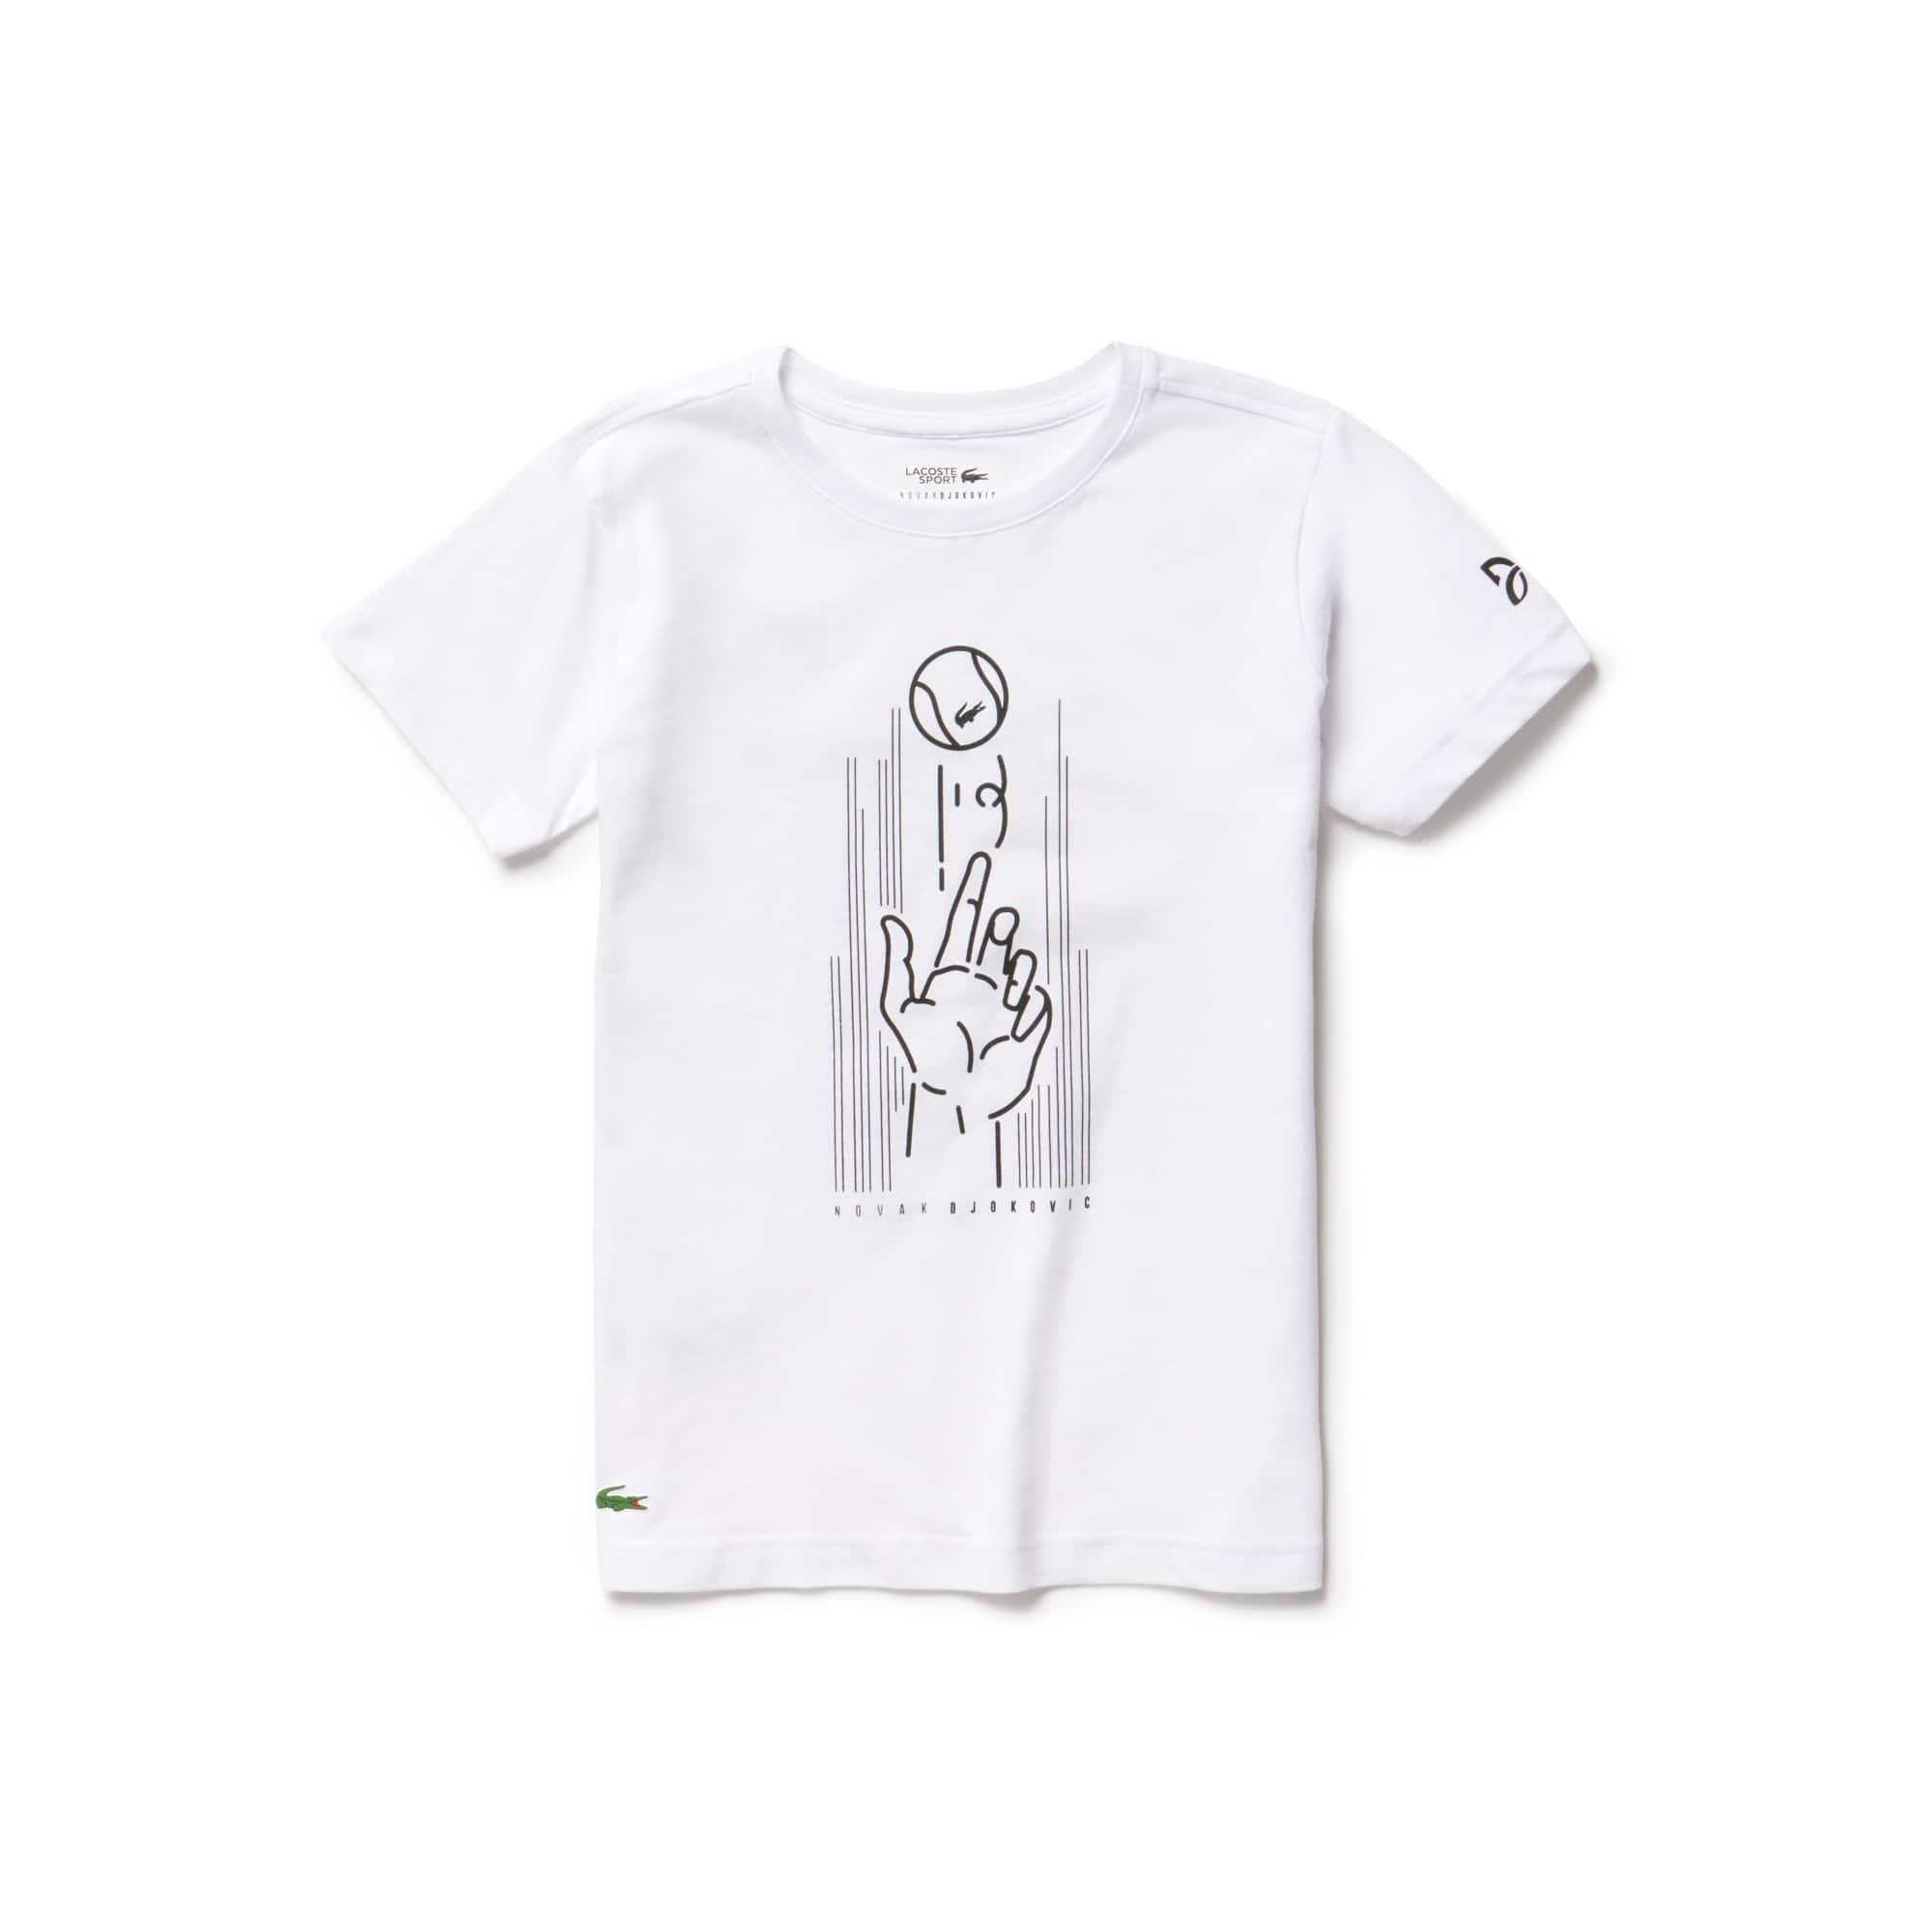 T-shirt Menino Lacoste SPORT coleção Novak Djokovic Support With Style - Off Court em jersey técnico com impressão